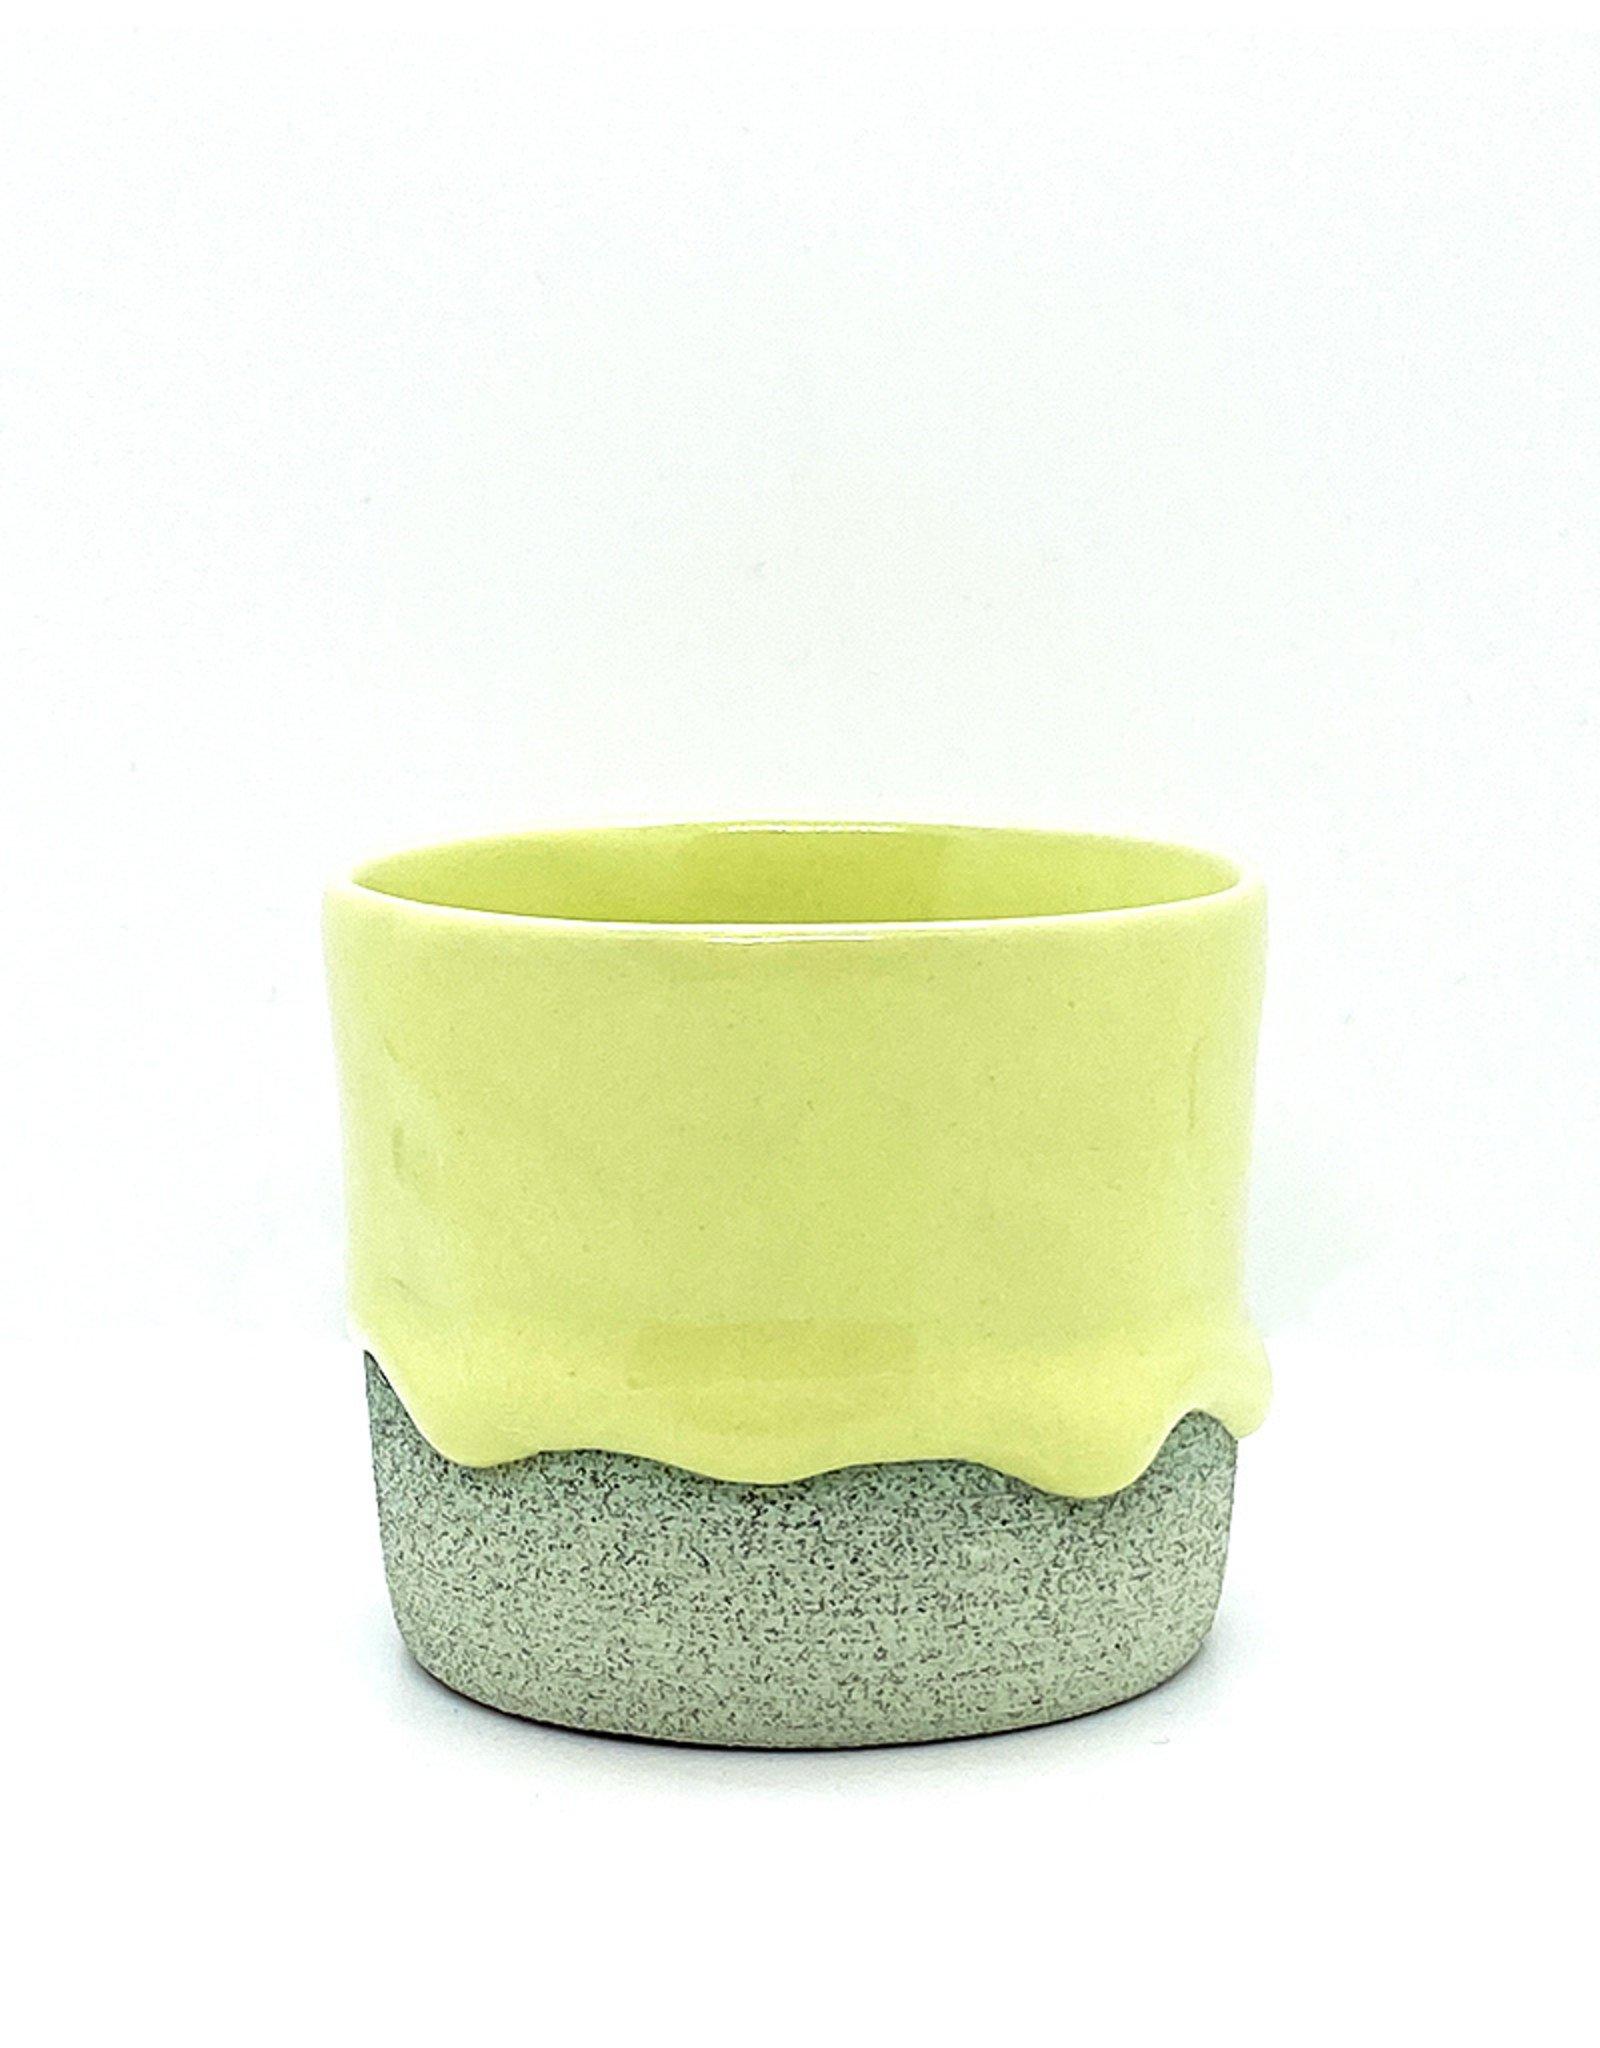 Brian Giniewski Tiny Cups by Brian Giniewski